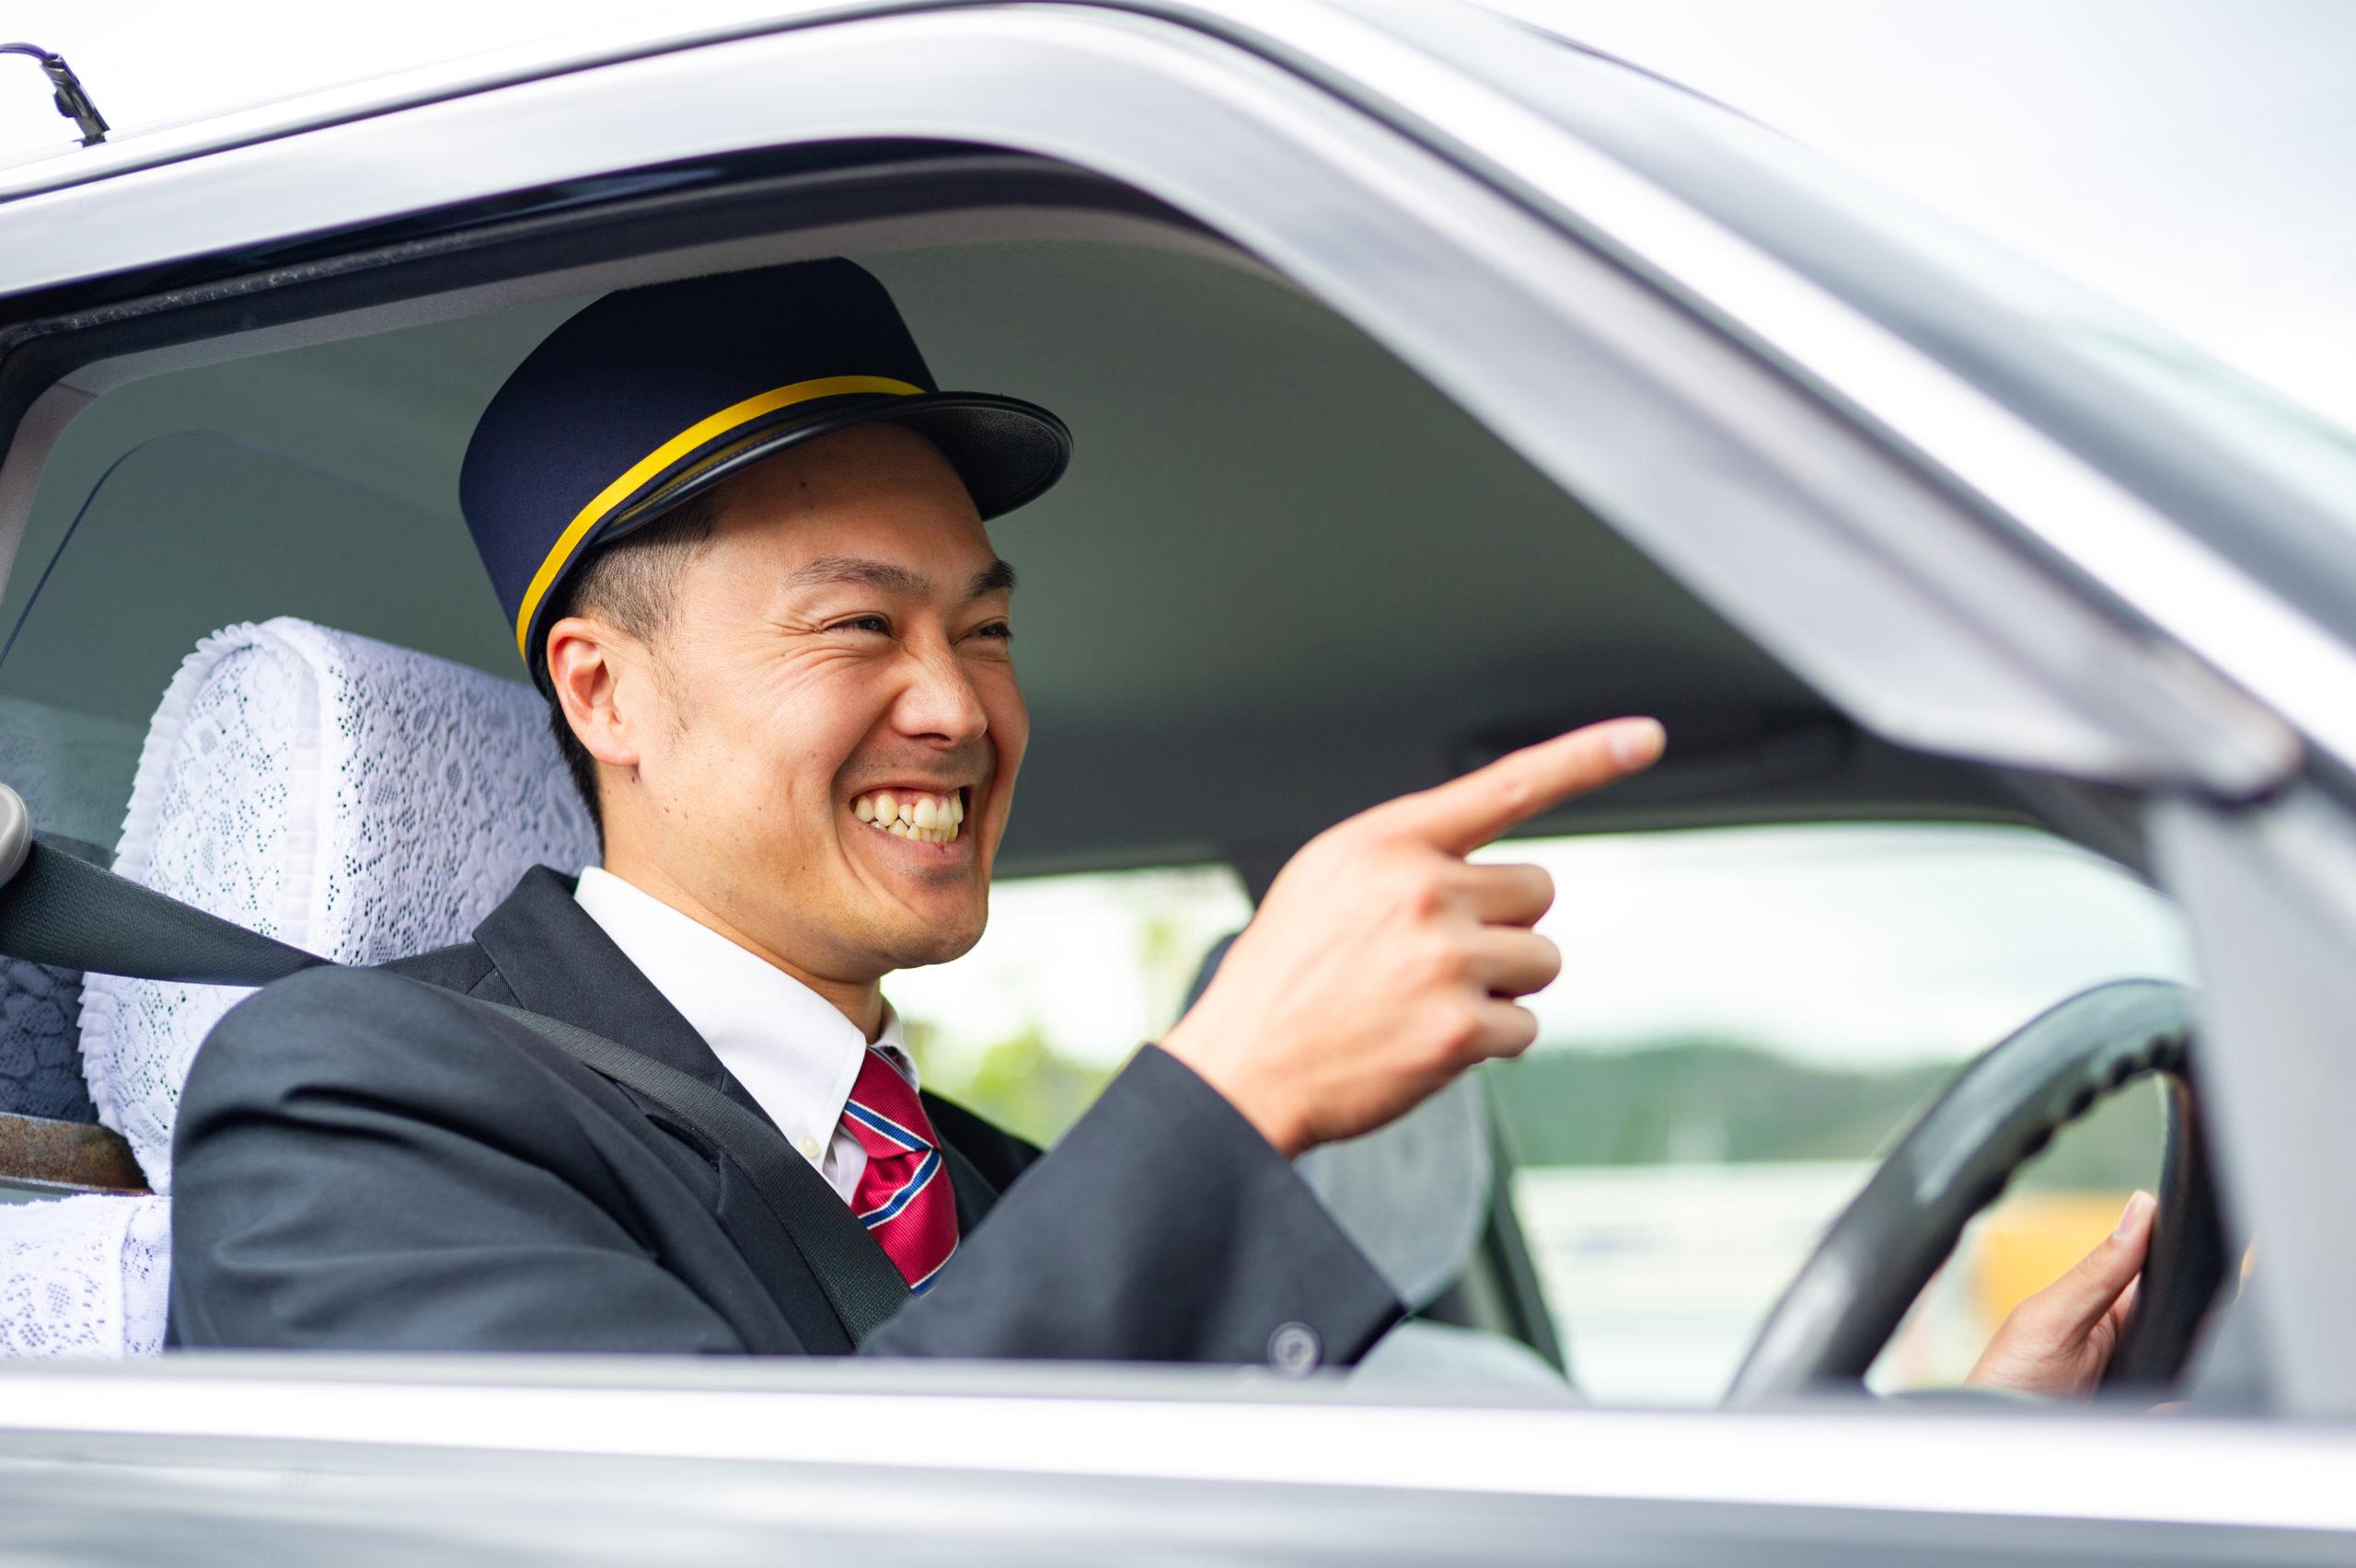 タクシードライバーは趣味も充実!仕事もソフトボールも楽しく真剣に!